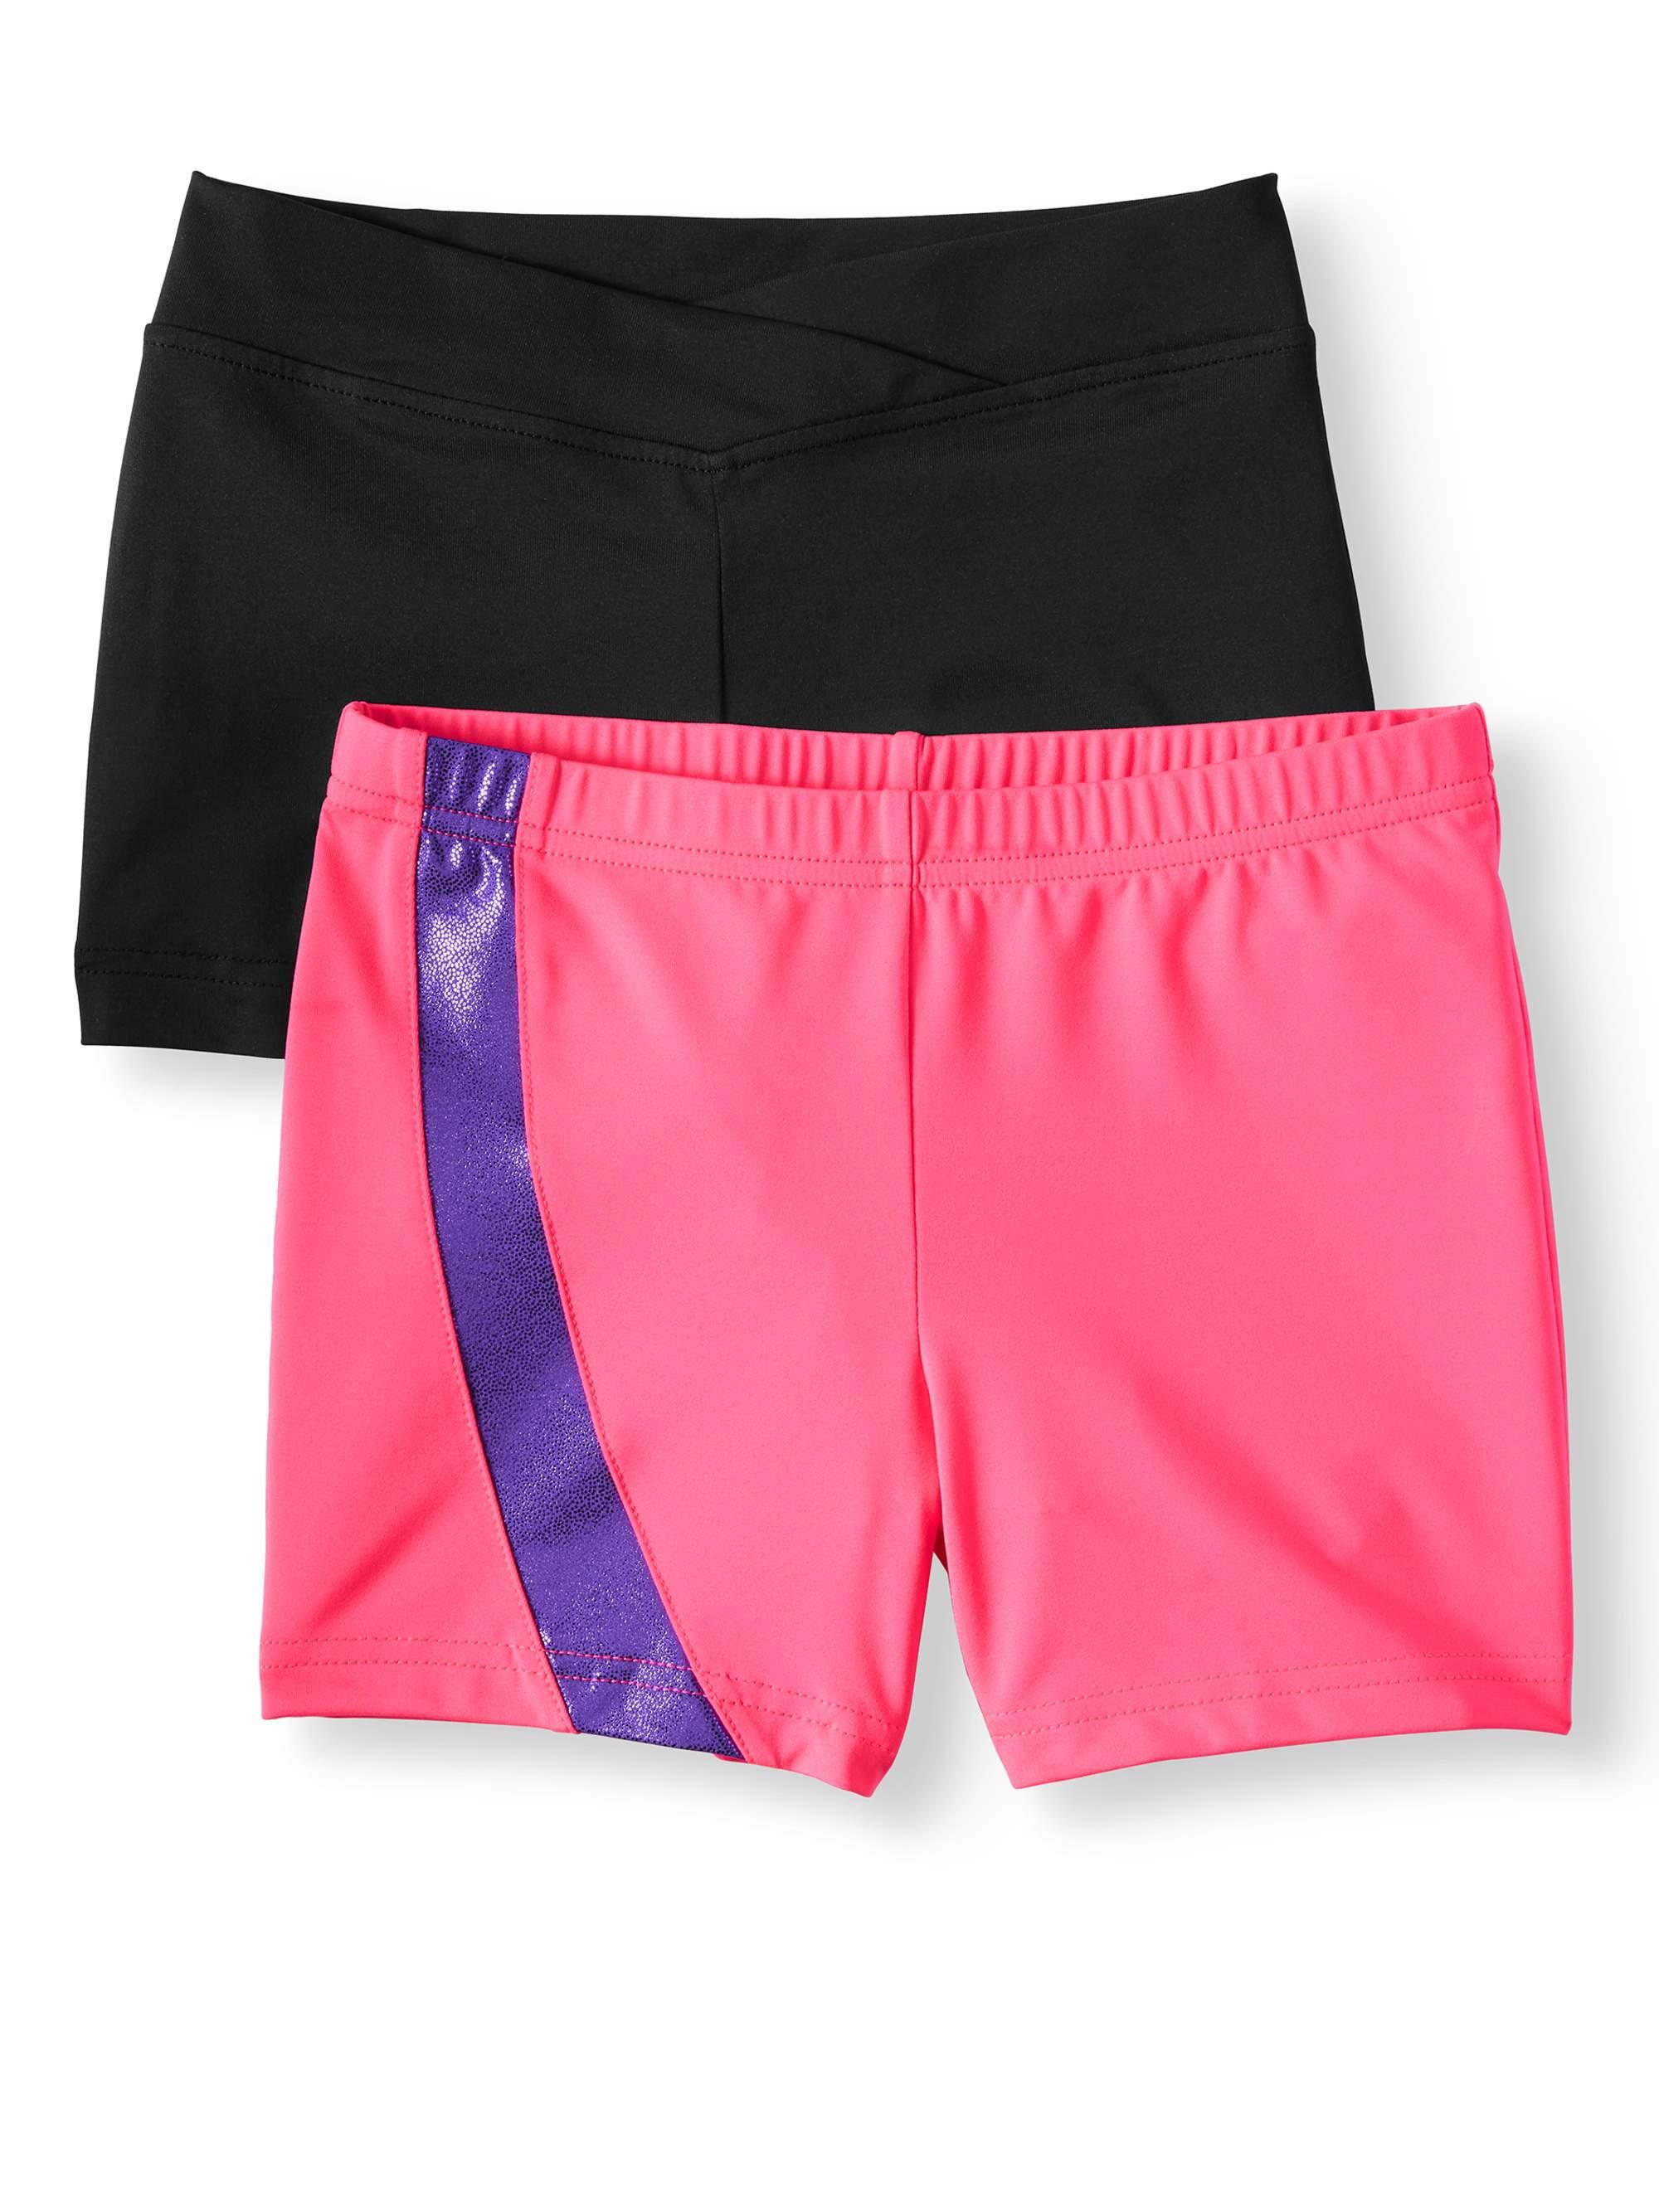 Danskin Now Girl's 2 pack shorts, Pink Side Inset short and Black Premium Nylon dance Short